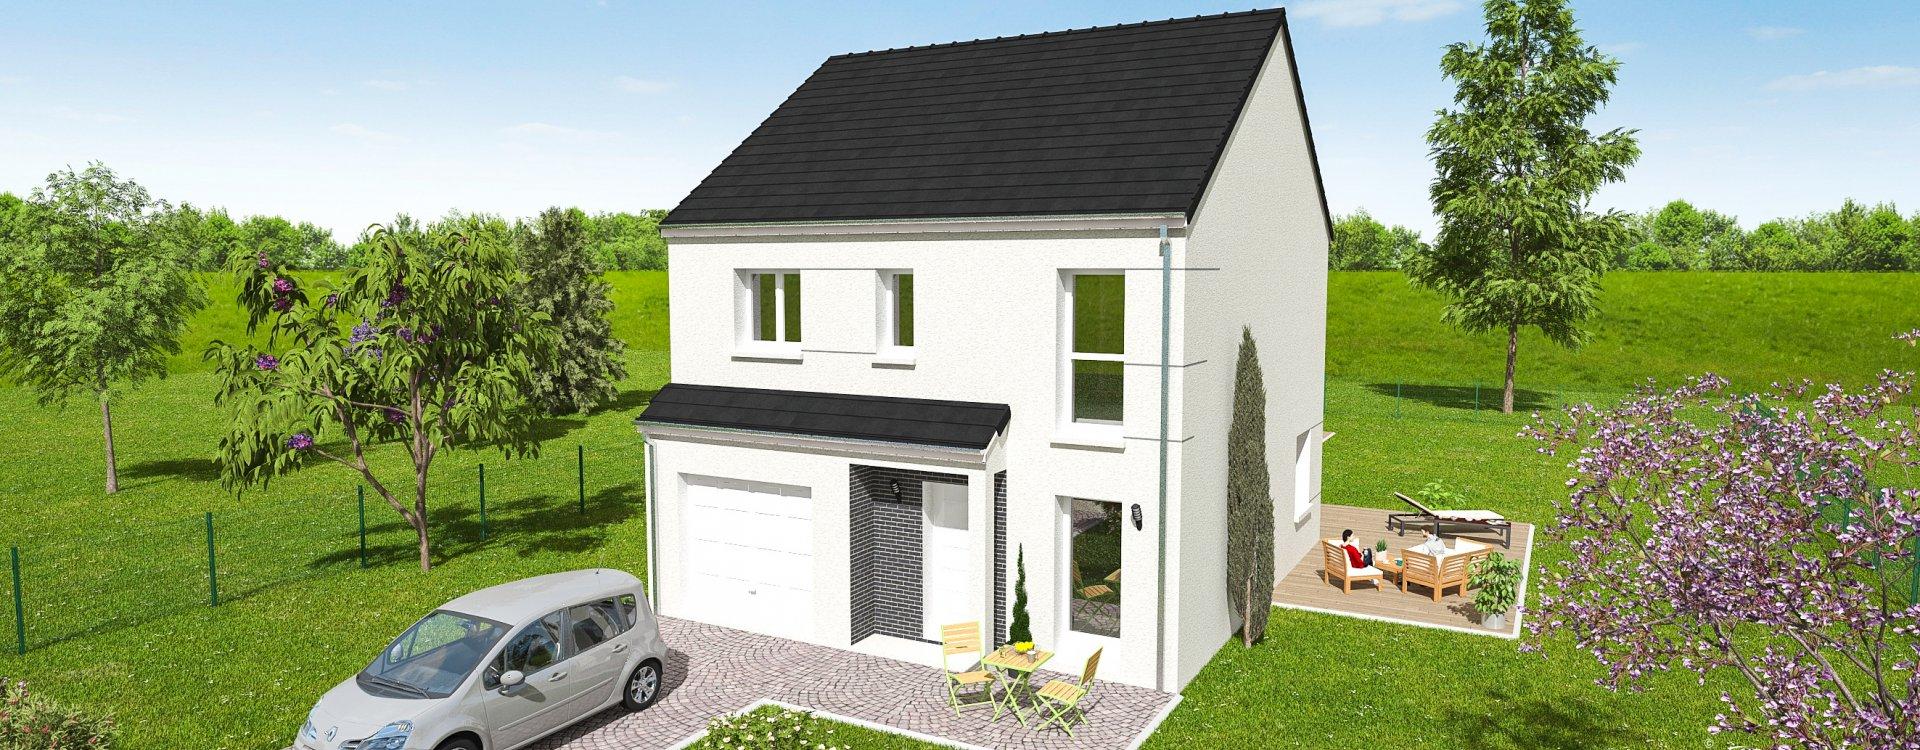 Maisons + Terrains du constructeur EASY HOUSE • 98 m² • NEUVILLE AUX BOIS